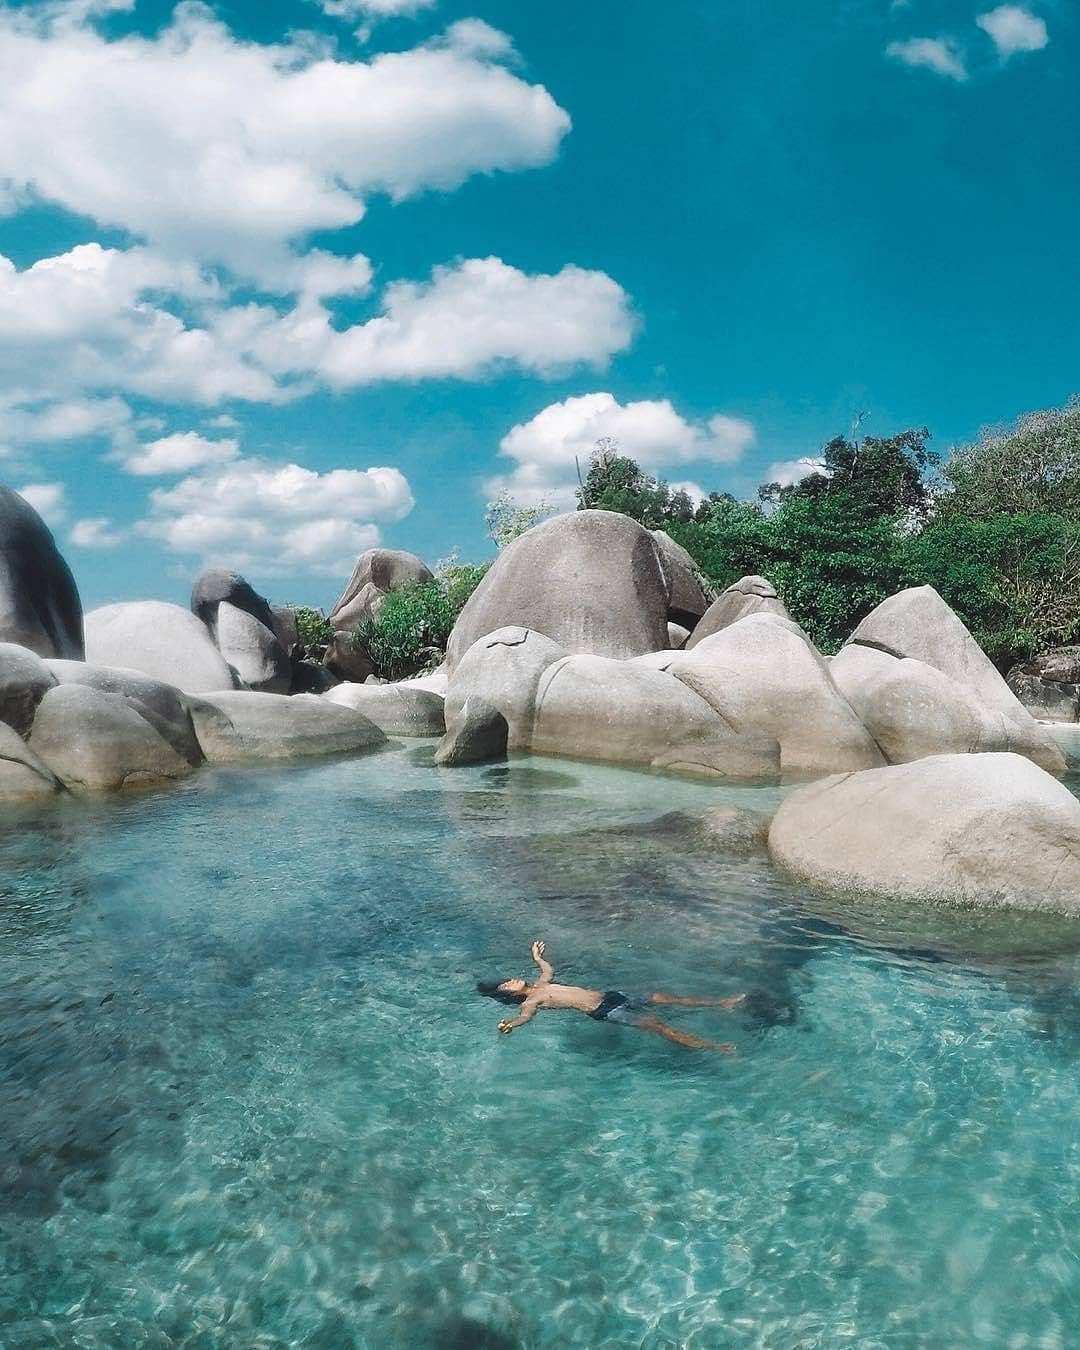 Berenang di Pantai Tanjung Tinggi Belitung Image From @om_funkey